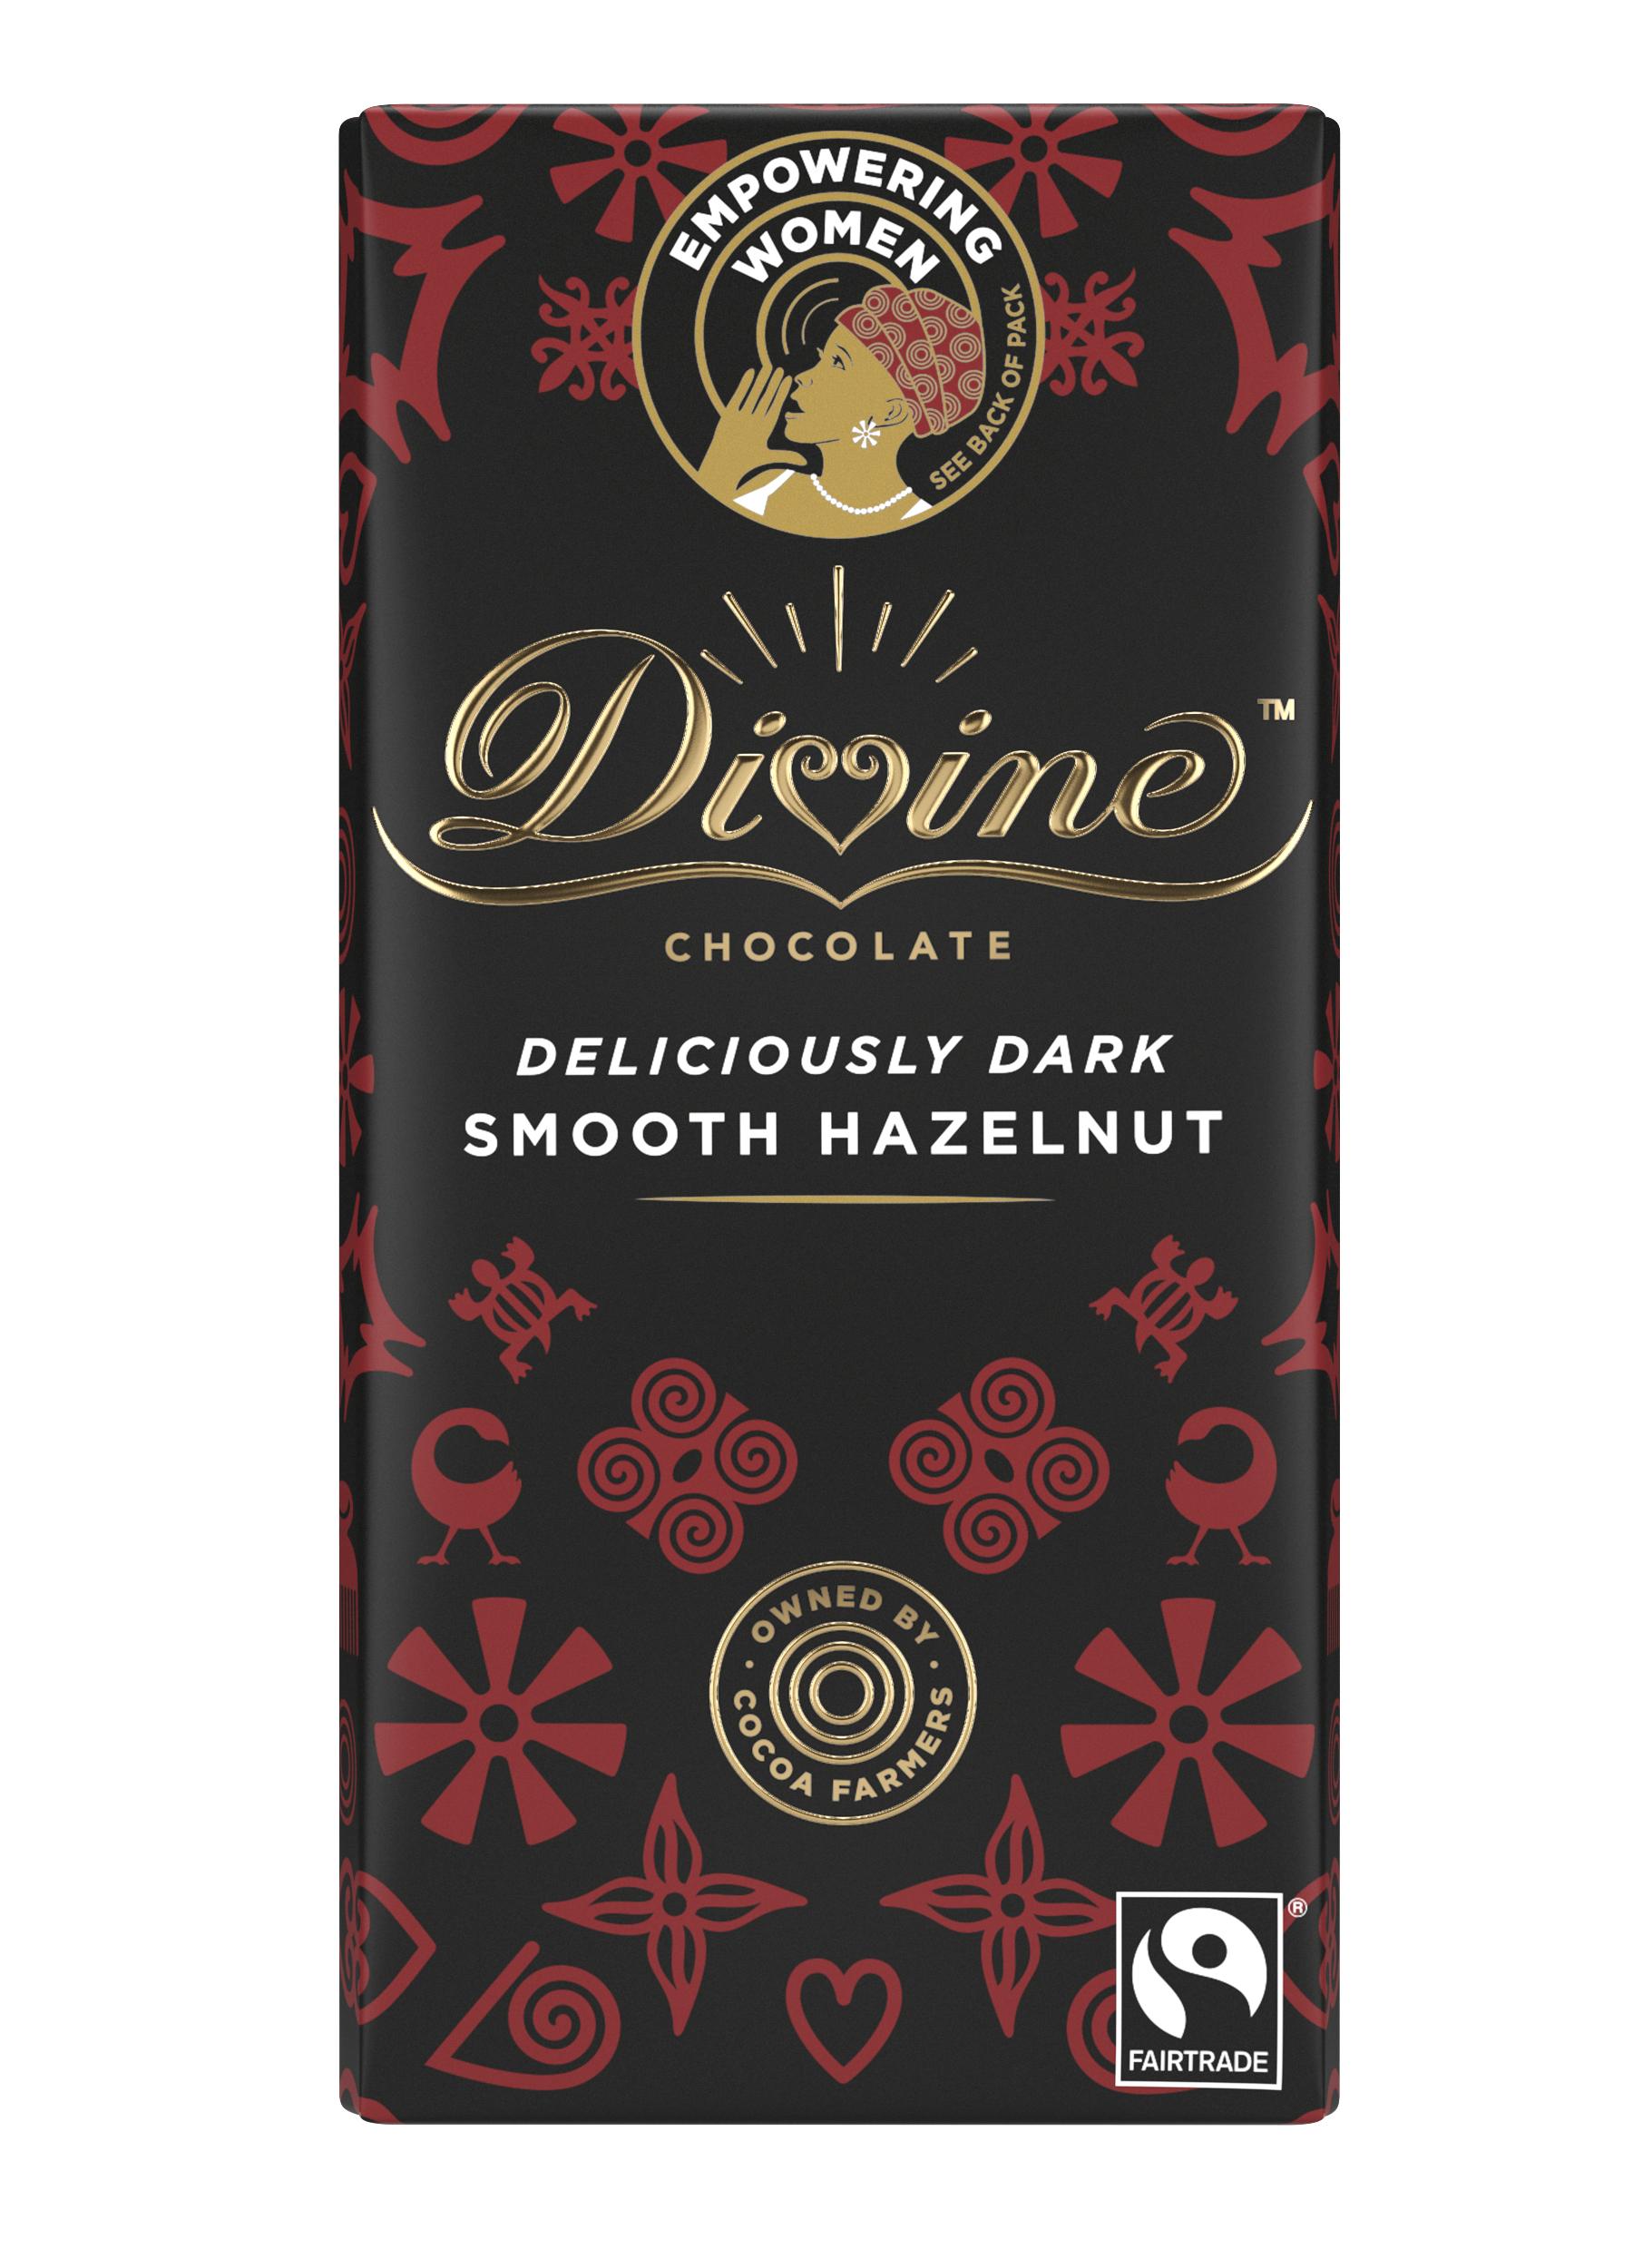 Divine Dark Chocolate with Hazelnut Truffle, 90g